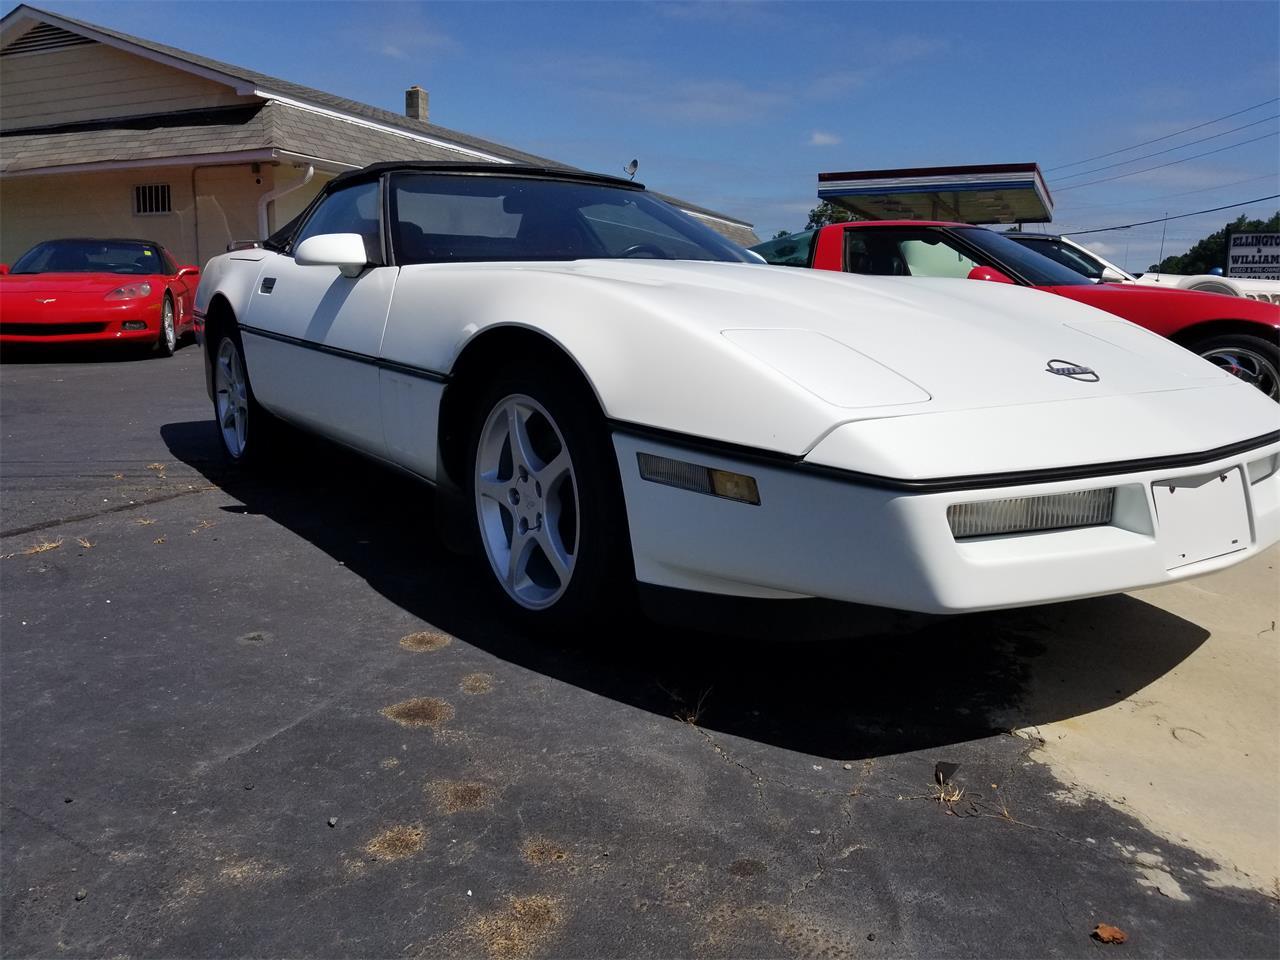 Large Picture of 1990 Chevrolet Corvette - $8,500.00 - QKKM